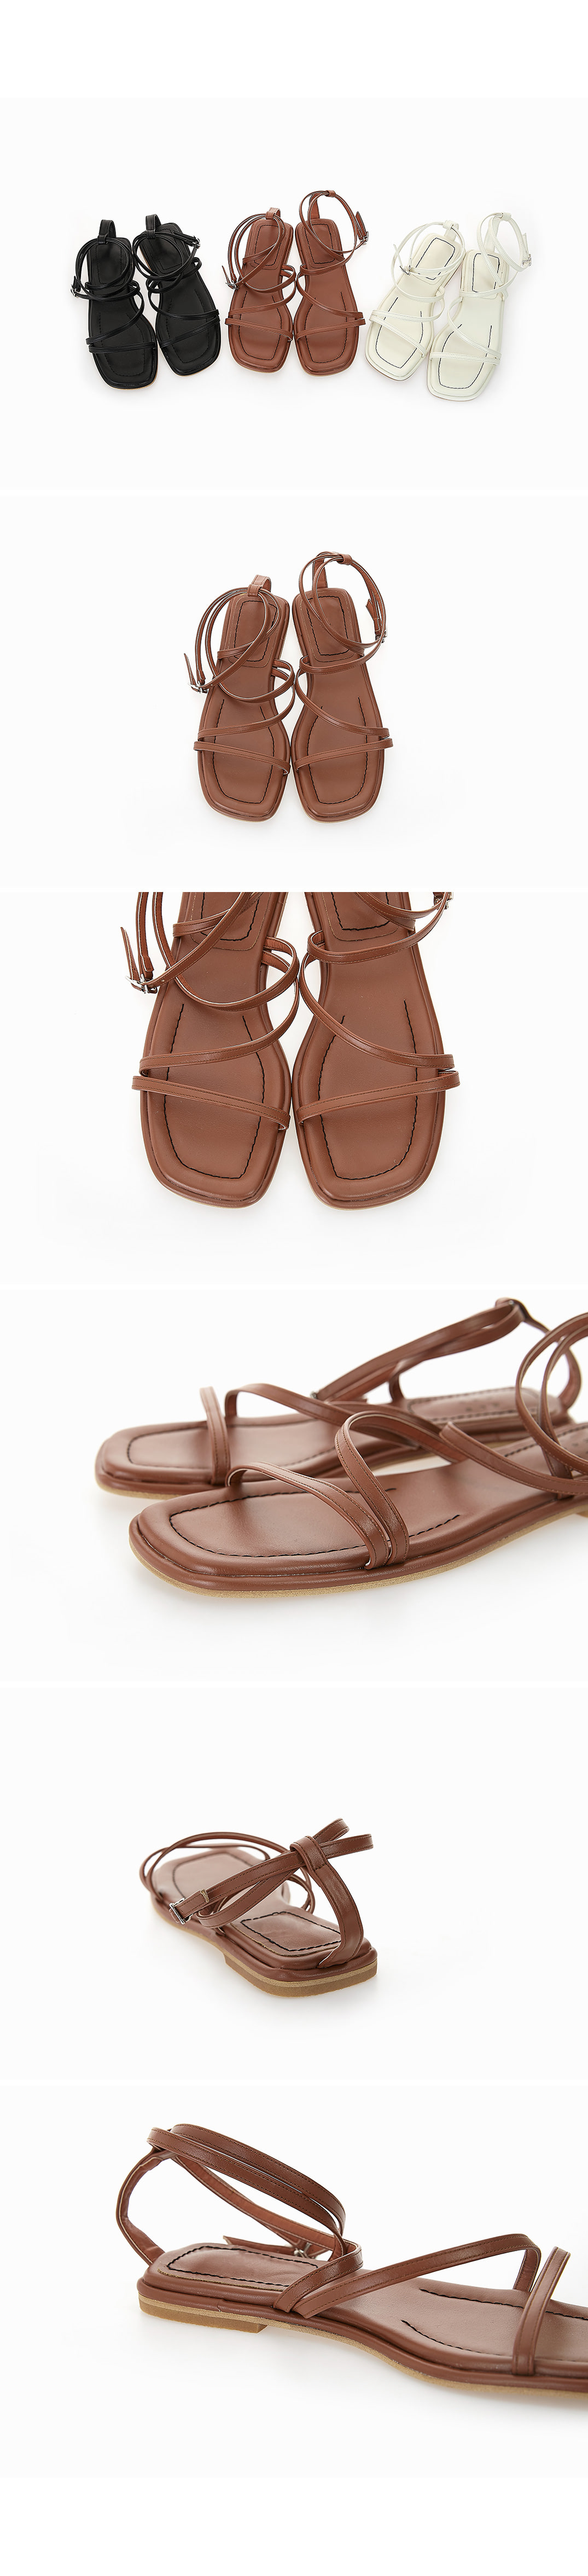 Zebra strap sandals